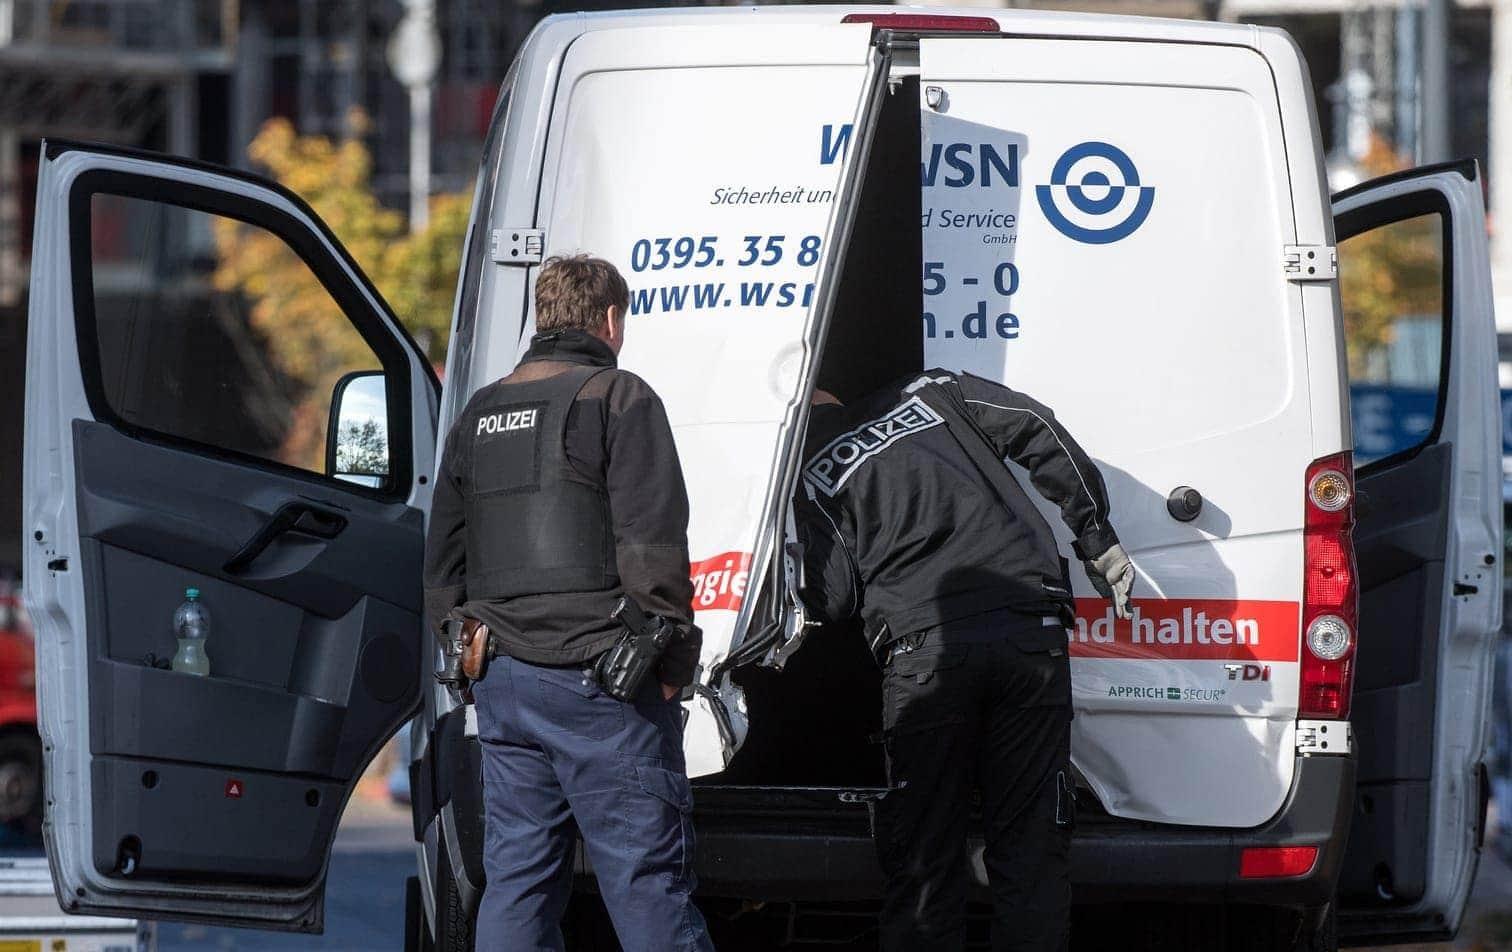 <p>Im Folgenden weitere Bilder vom Überfall auf den Geldtransporter in Berlin...</p> Foto: Bernd von Jutrczenka/dpa